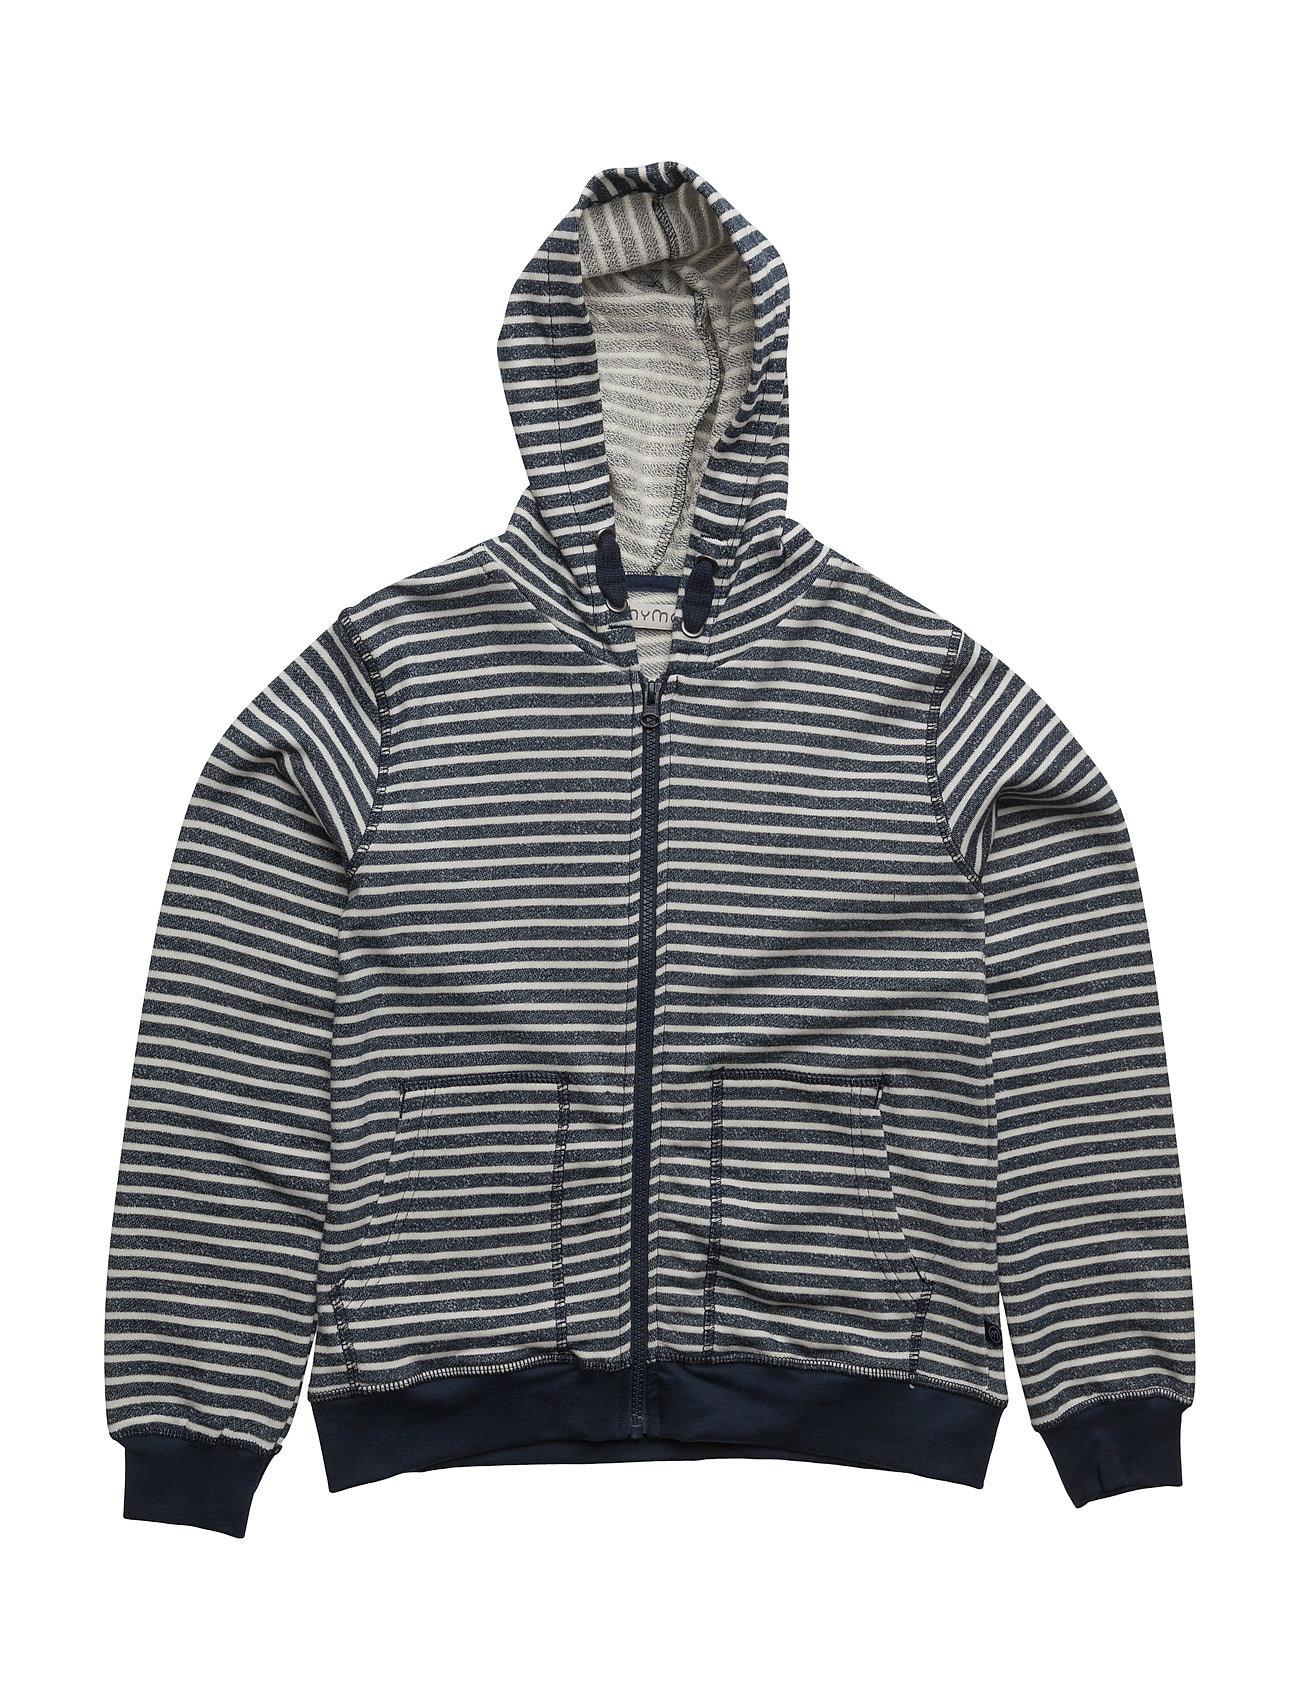 minymo 85 -cardigan y/d striped fra boozt.com dk